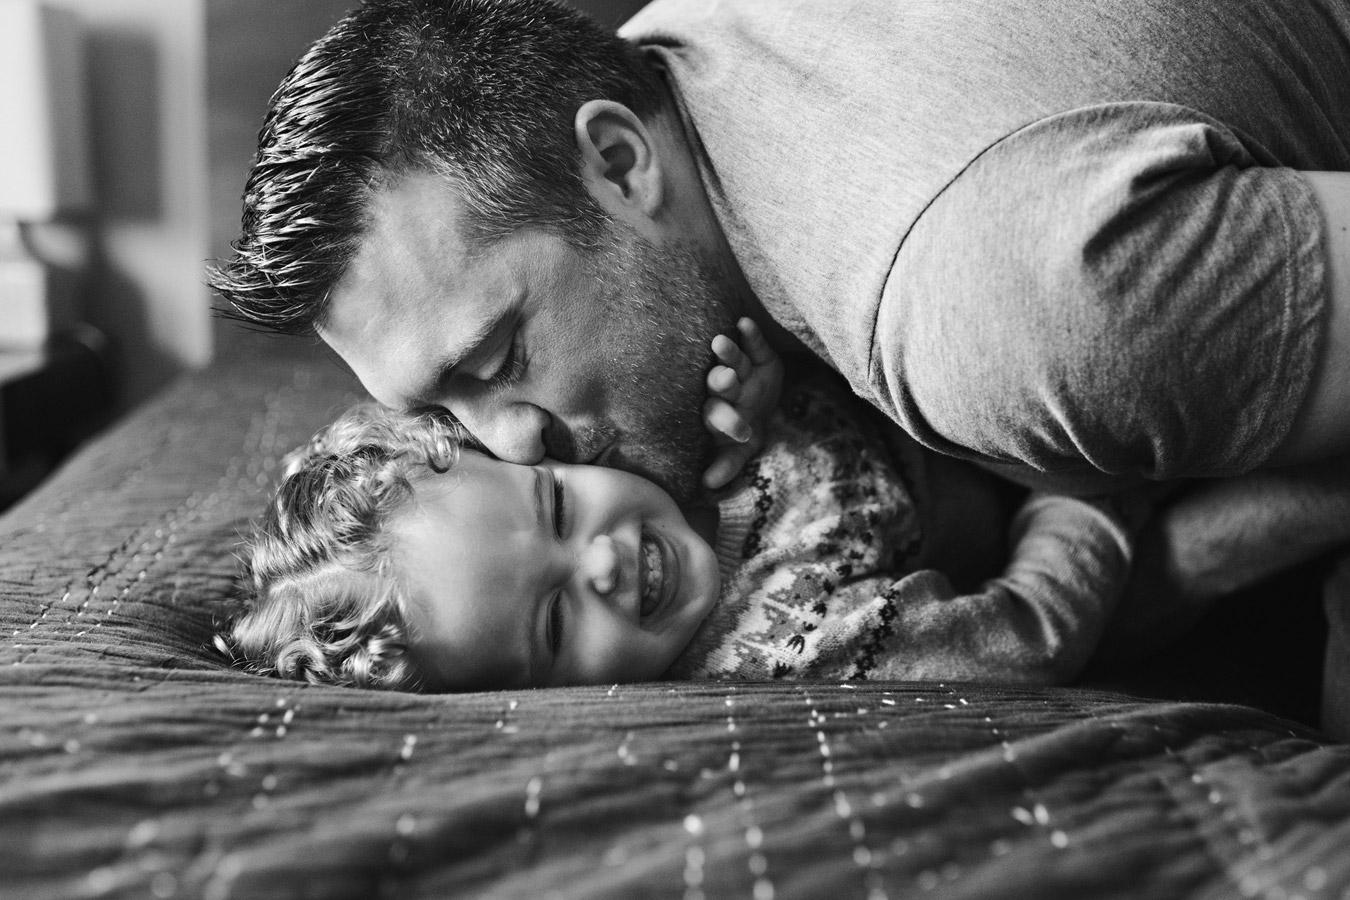 Хилари Камиллери, Канада / Hilary Camilleri, Canada, 1-место в категории «Семья», Фотоконкурс Rangefinder «Портрет» (Rangefinder the Portrait)